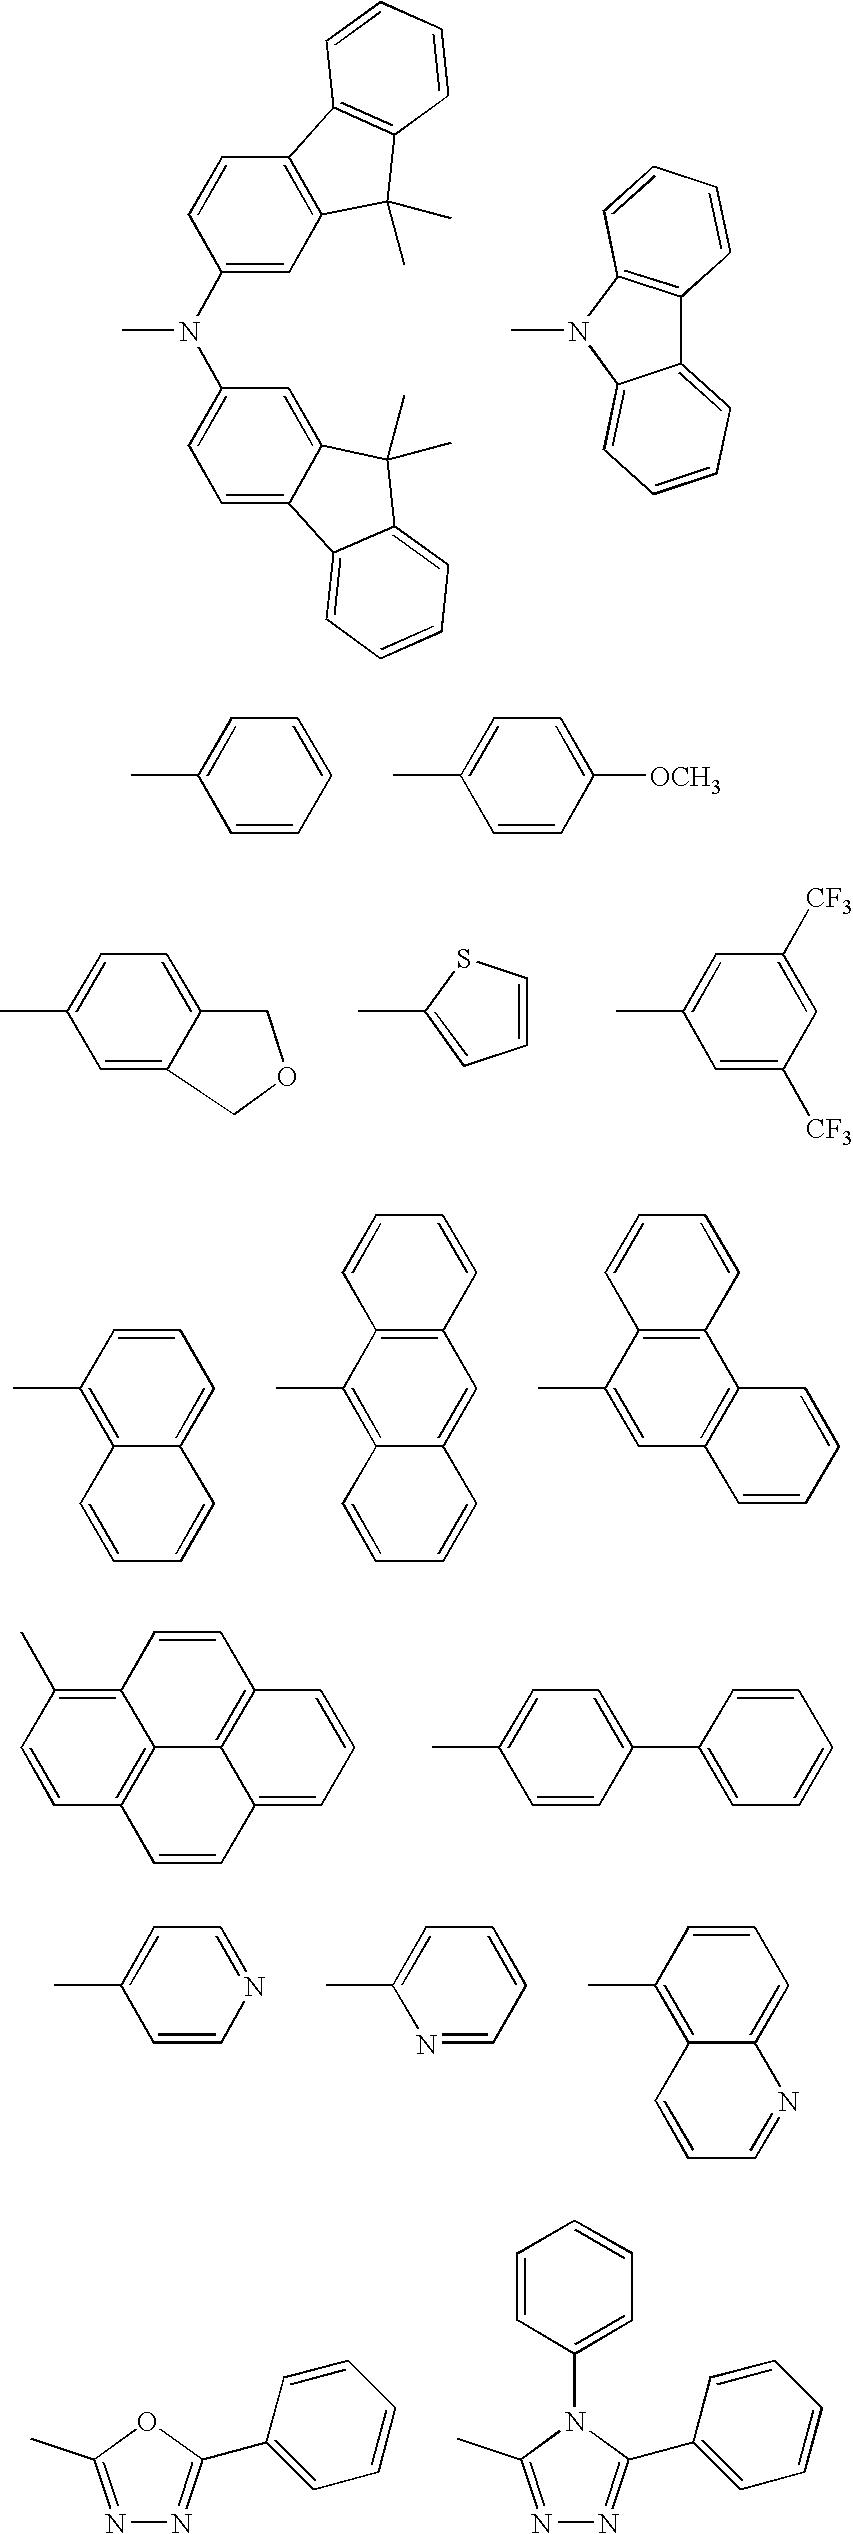 Figure US20040106004A1-20040603-C00008